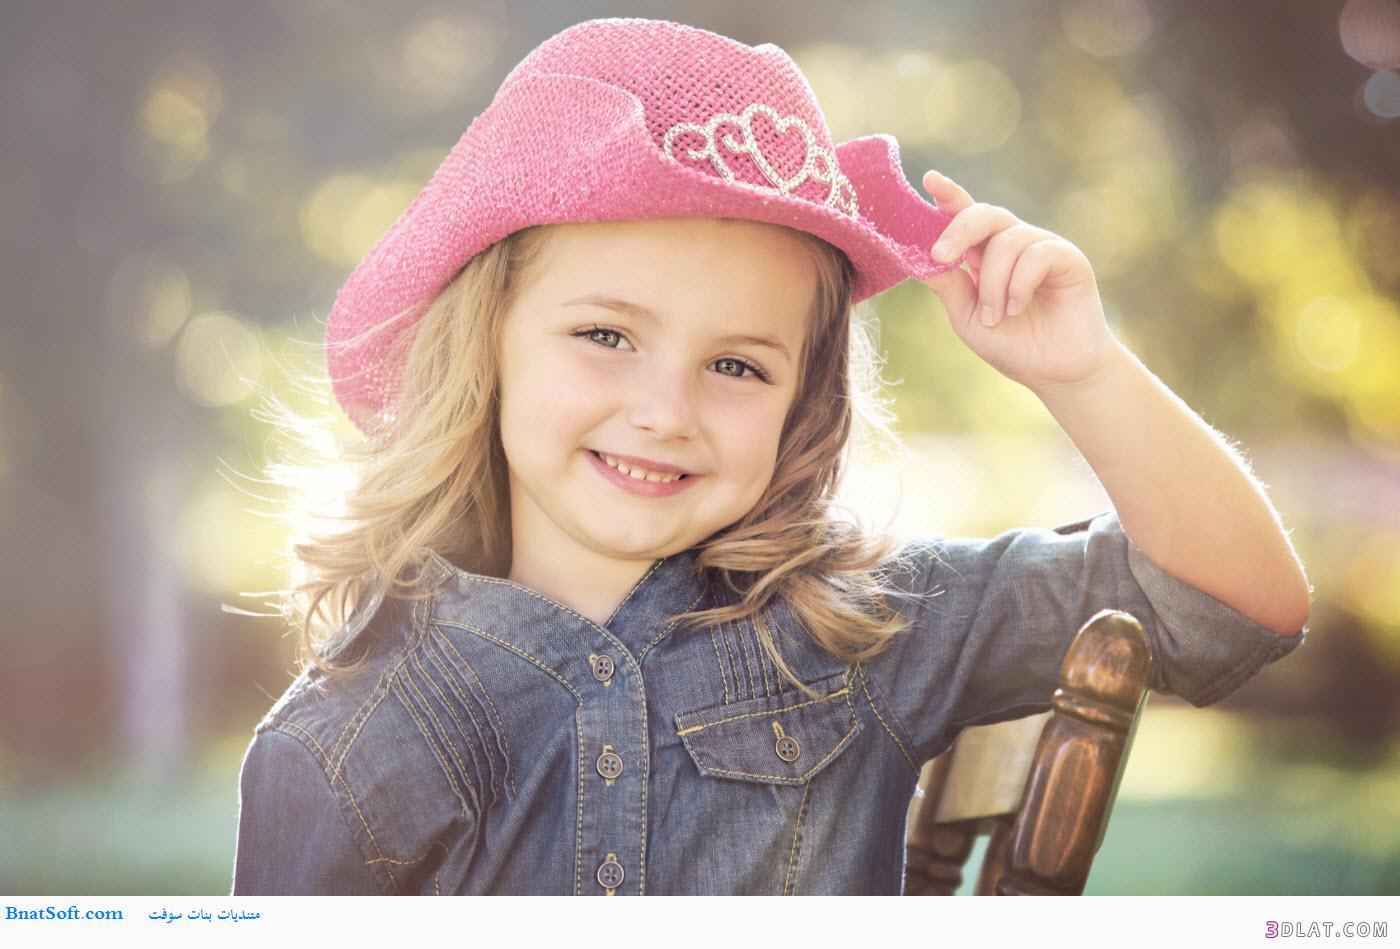 بالصور اسامي للاطفال جديدة و معانيها 20160714 2595